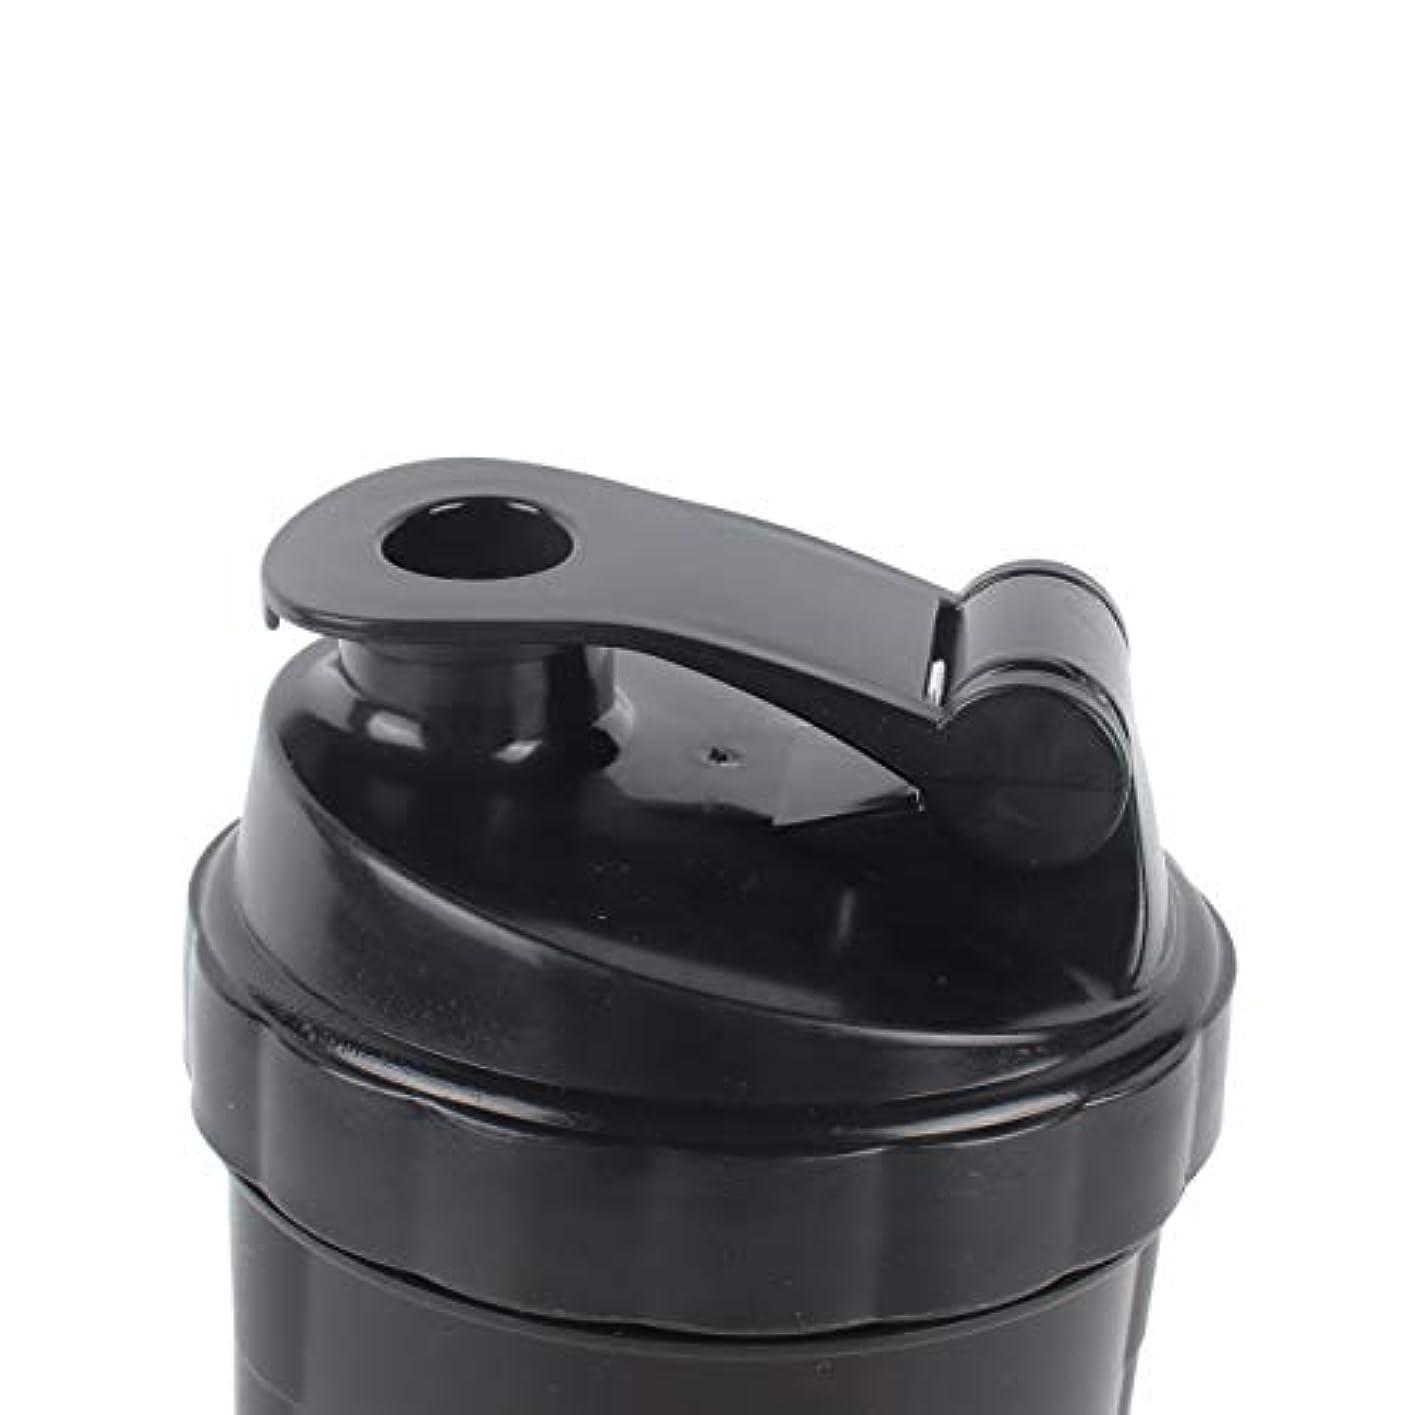 イタリック意義ベストDeeploveUU ポータブルジムプロテインシェーカーミキサーボトルポータブルスポーツランニングジョギング泡立て器ボールシェーカーボトル